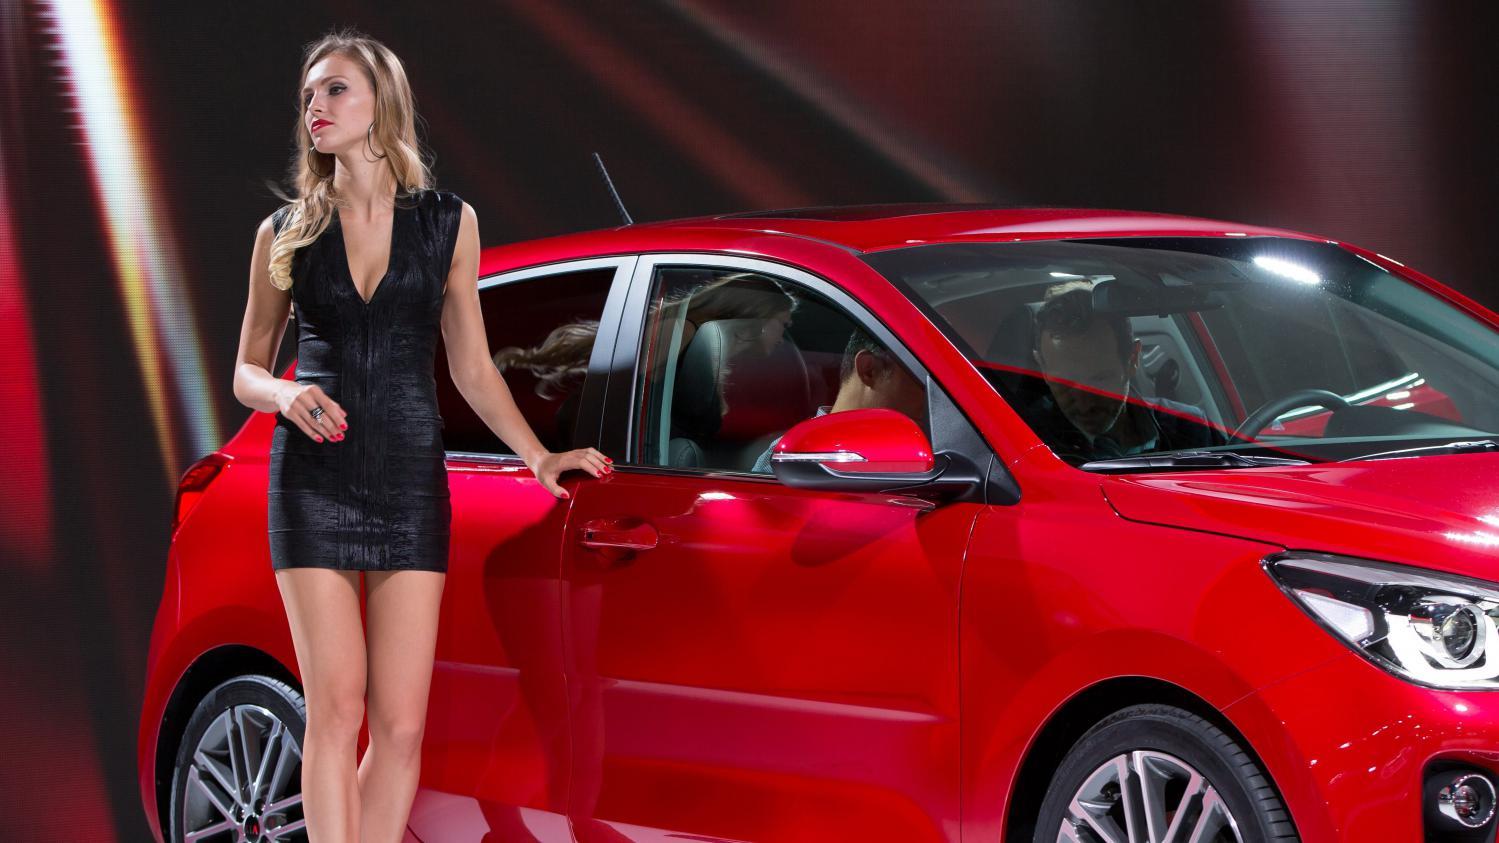 video mondial de l 39 automobile les h tesses d 39 accueil face au sexisme. Black Bedroom Furniture Sets. Home Design Ideas